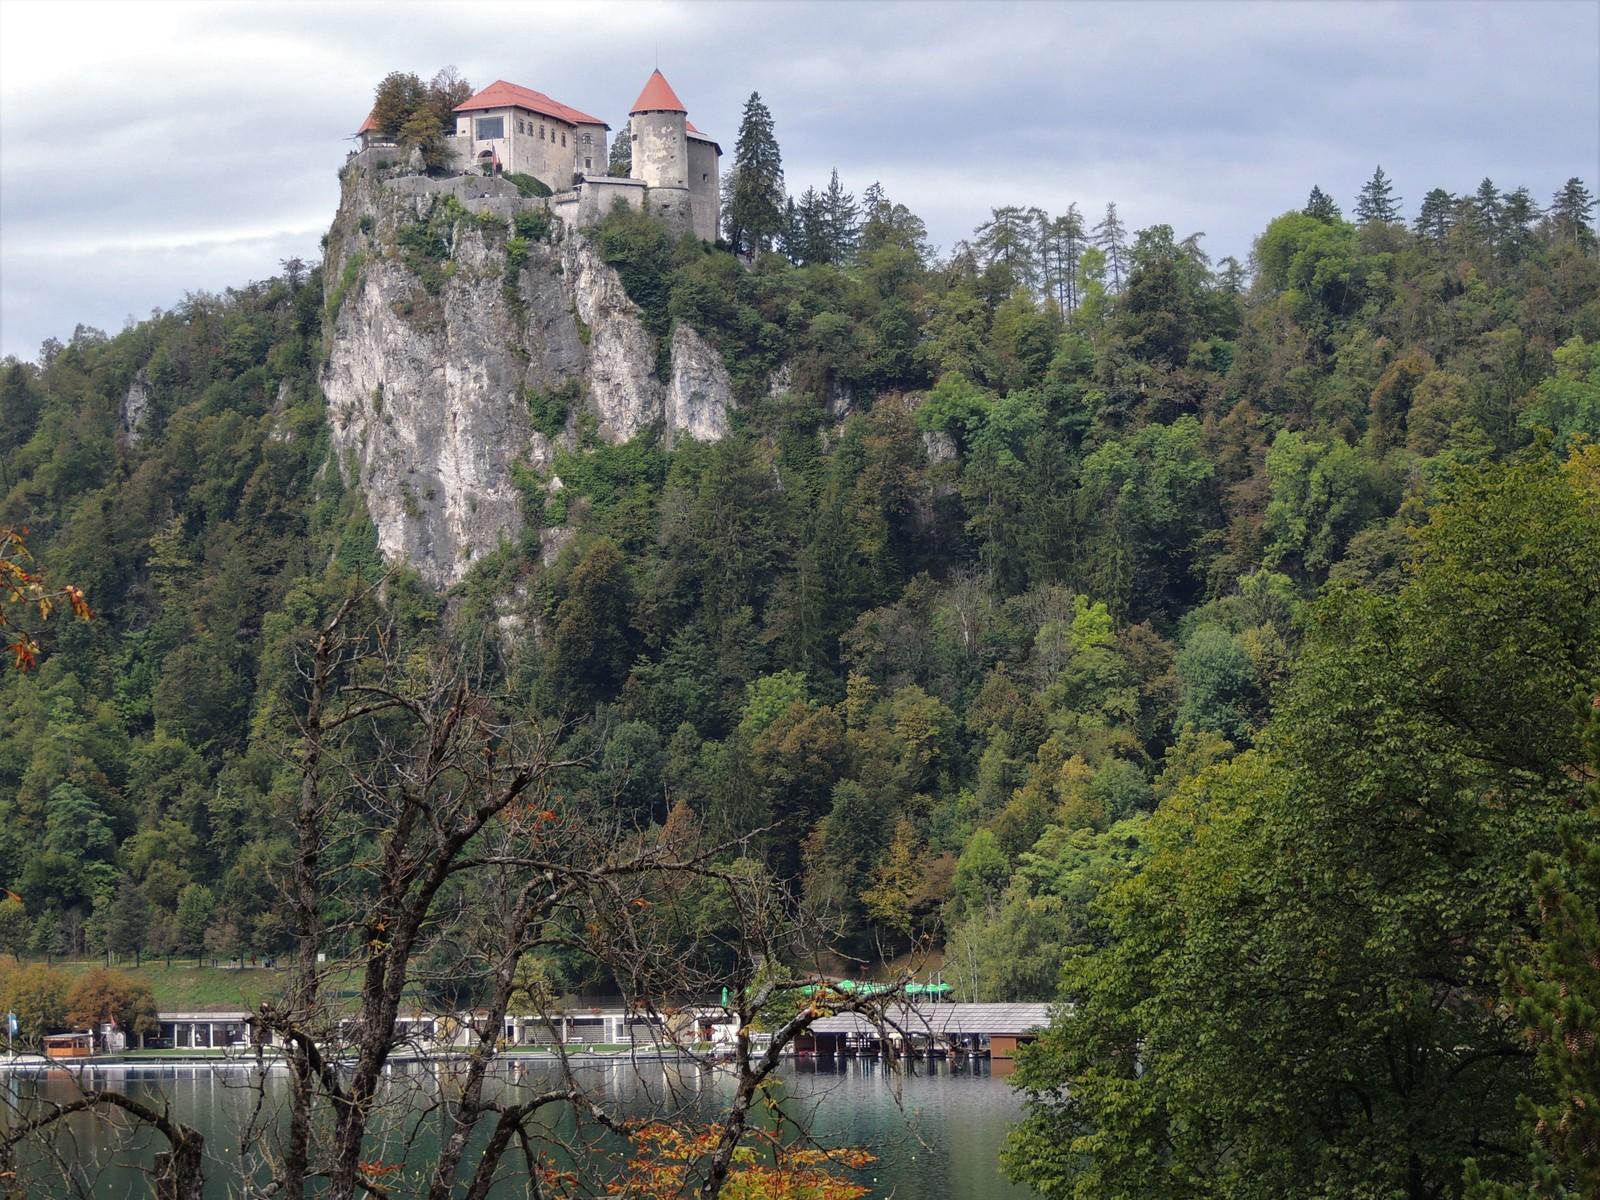 Bleder See mit Burg